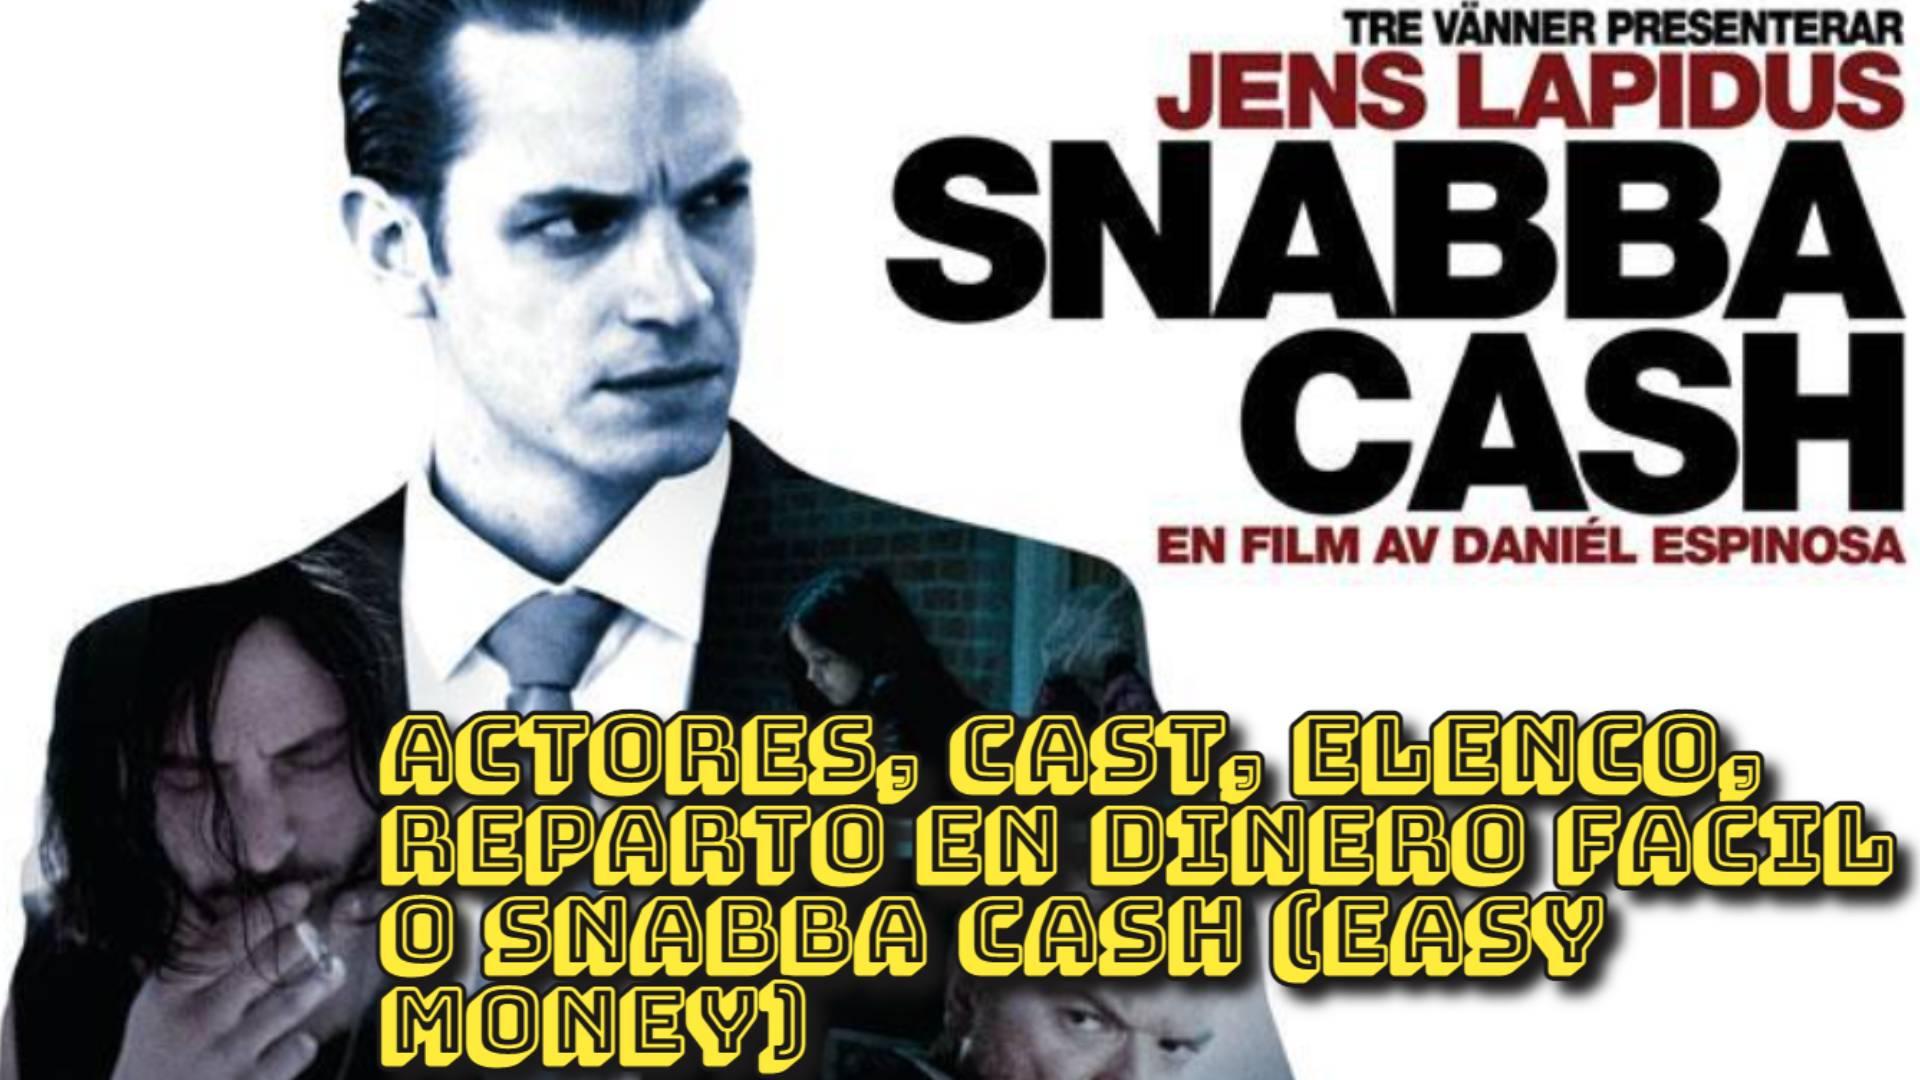 ACTORES, CAST, ELENCO, REPARTO en Dinero Facil o Snabba Cash (Easy Money)